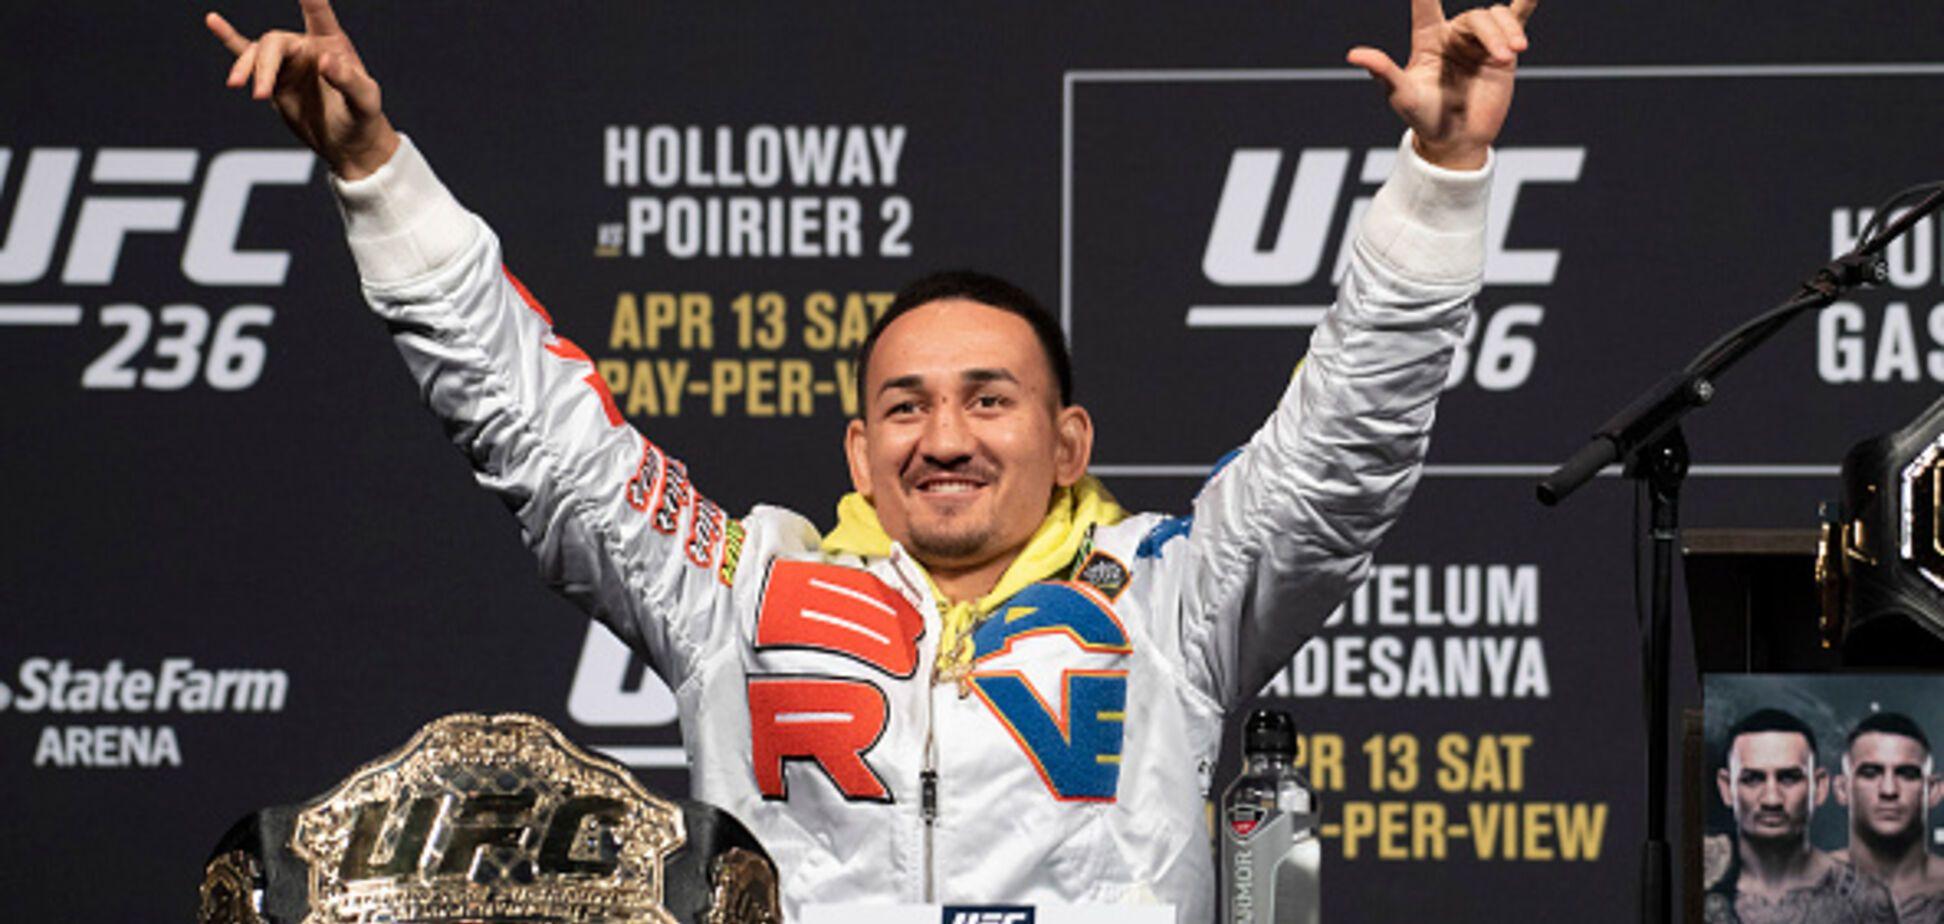 'Одним ударом': чемпион UFC выполнил редчайший трюк и 'взорвал' Instagram